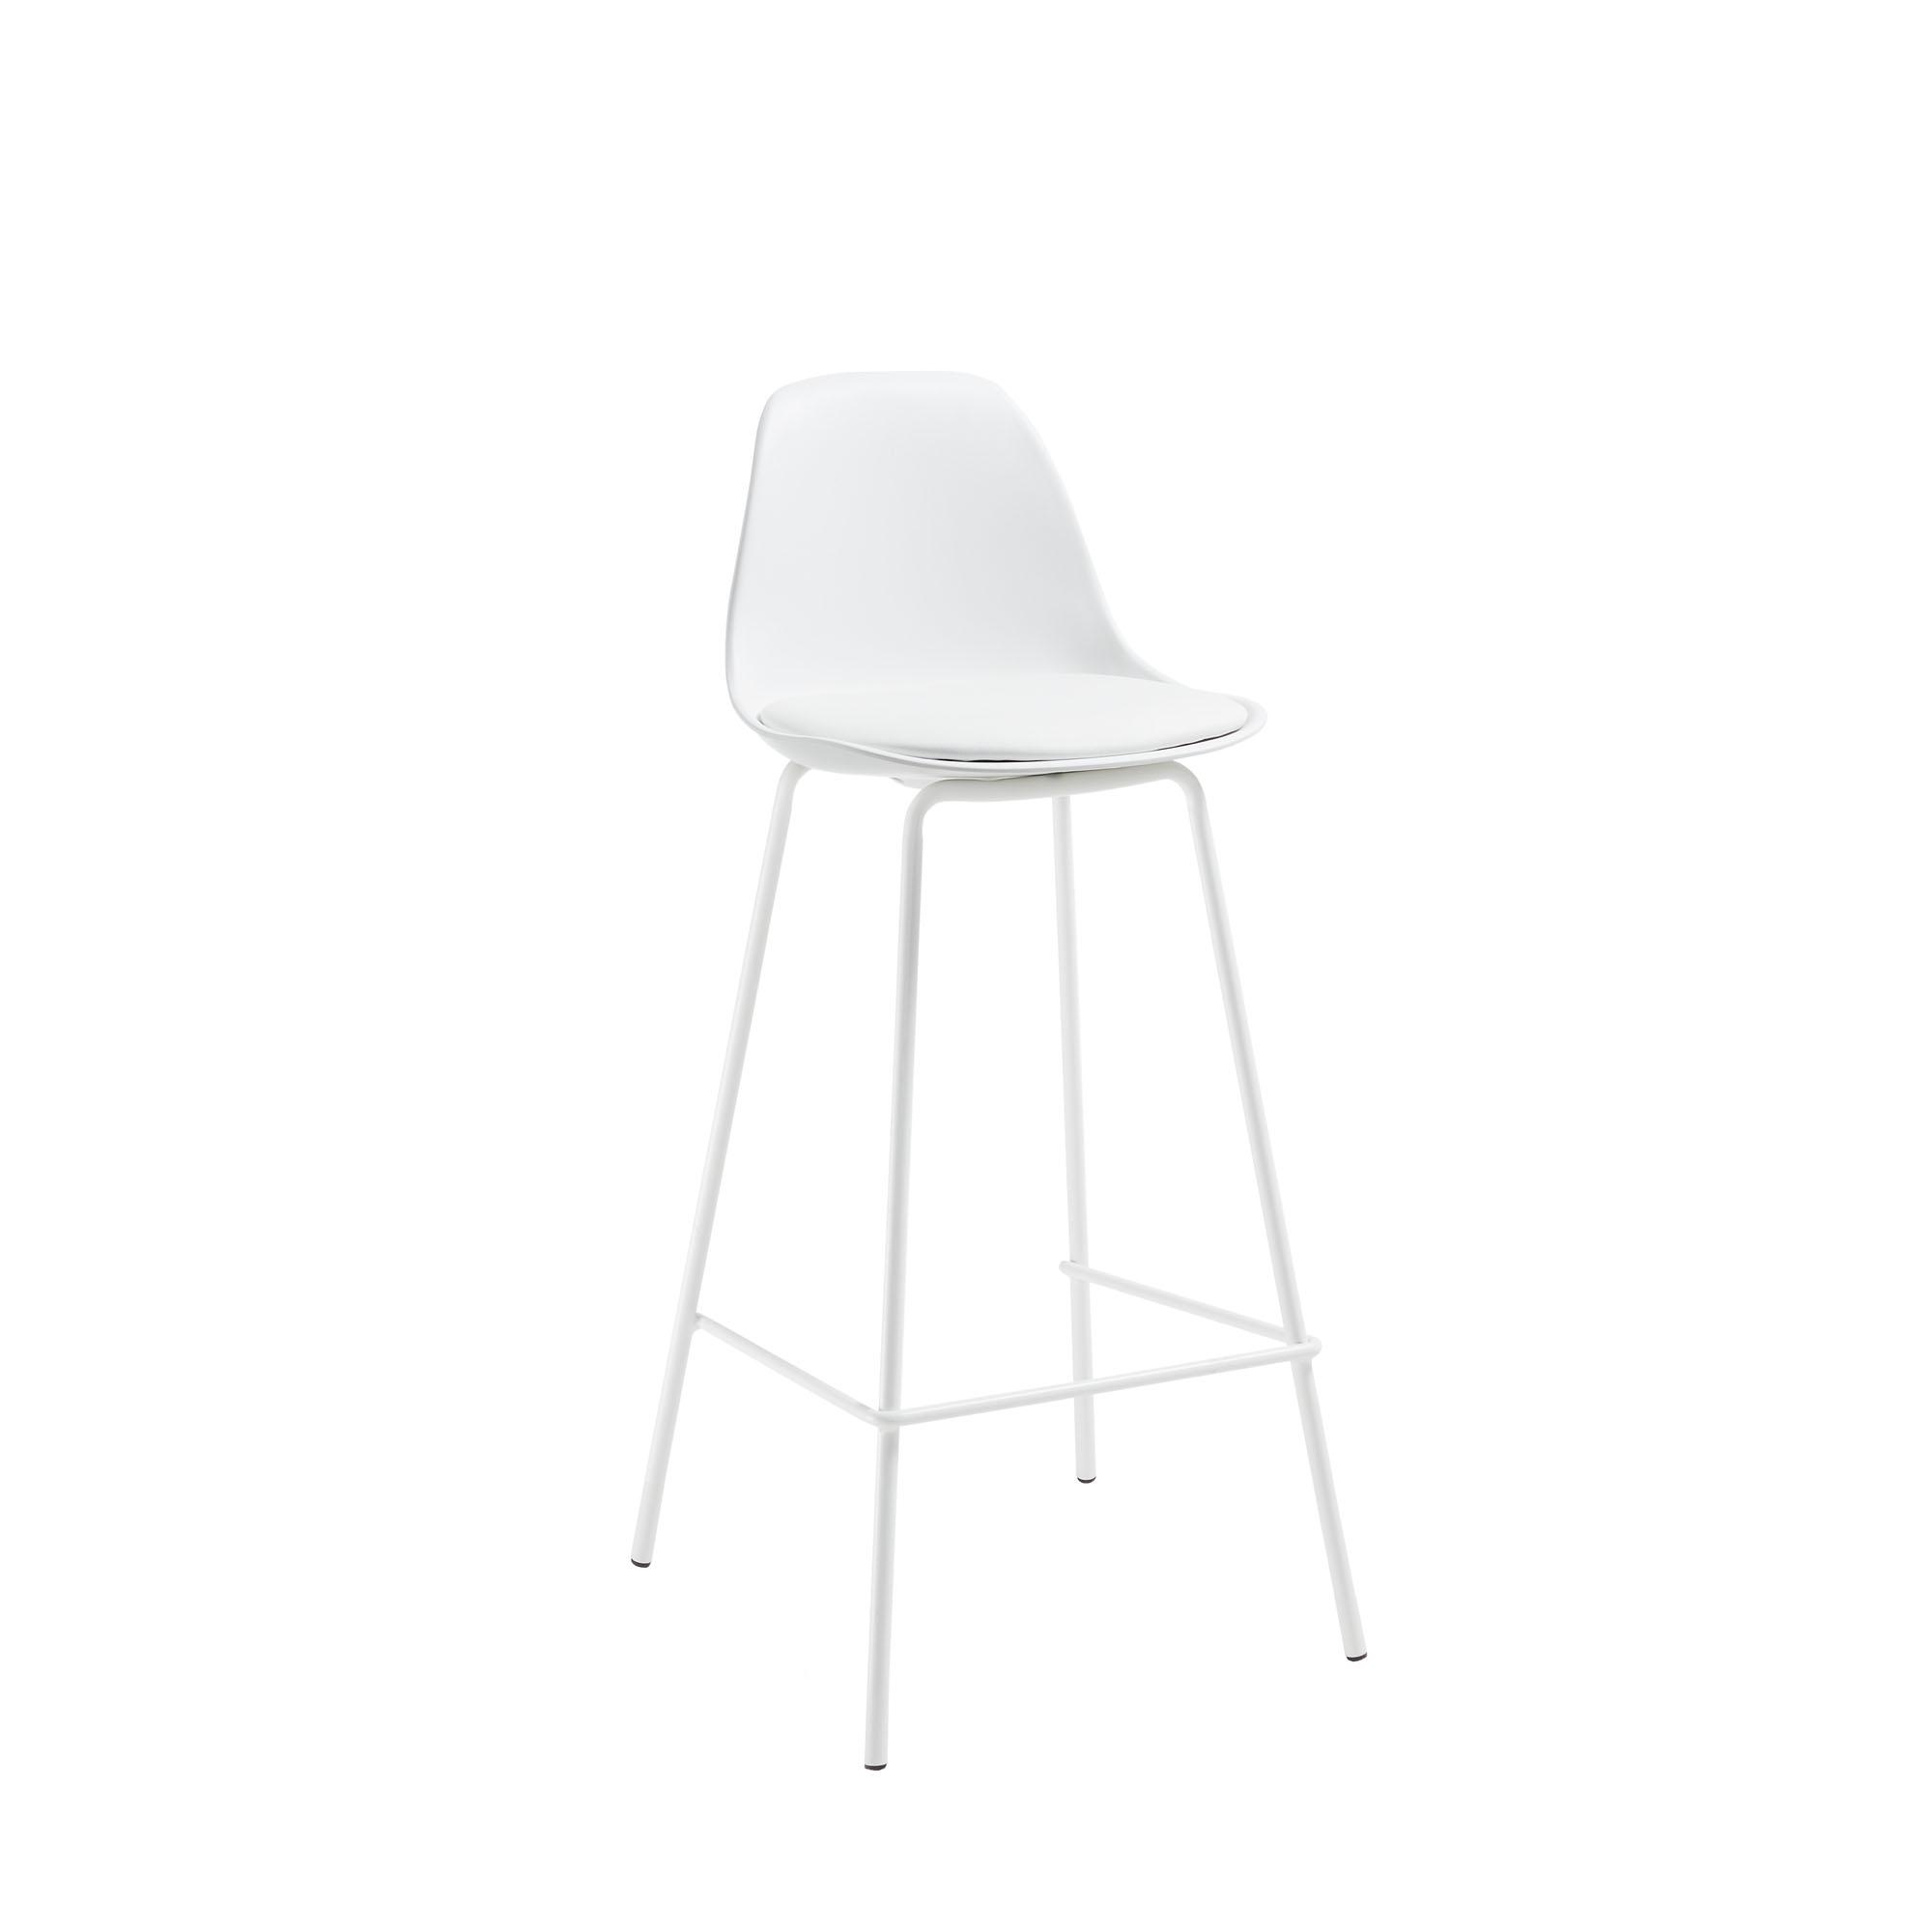 Barhocker online kaufen | Möbel Suchmaschine |